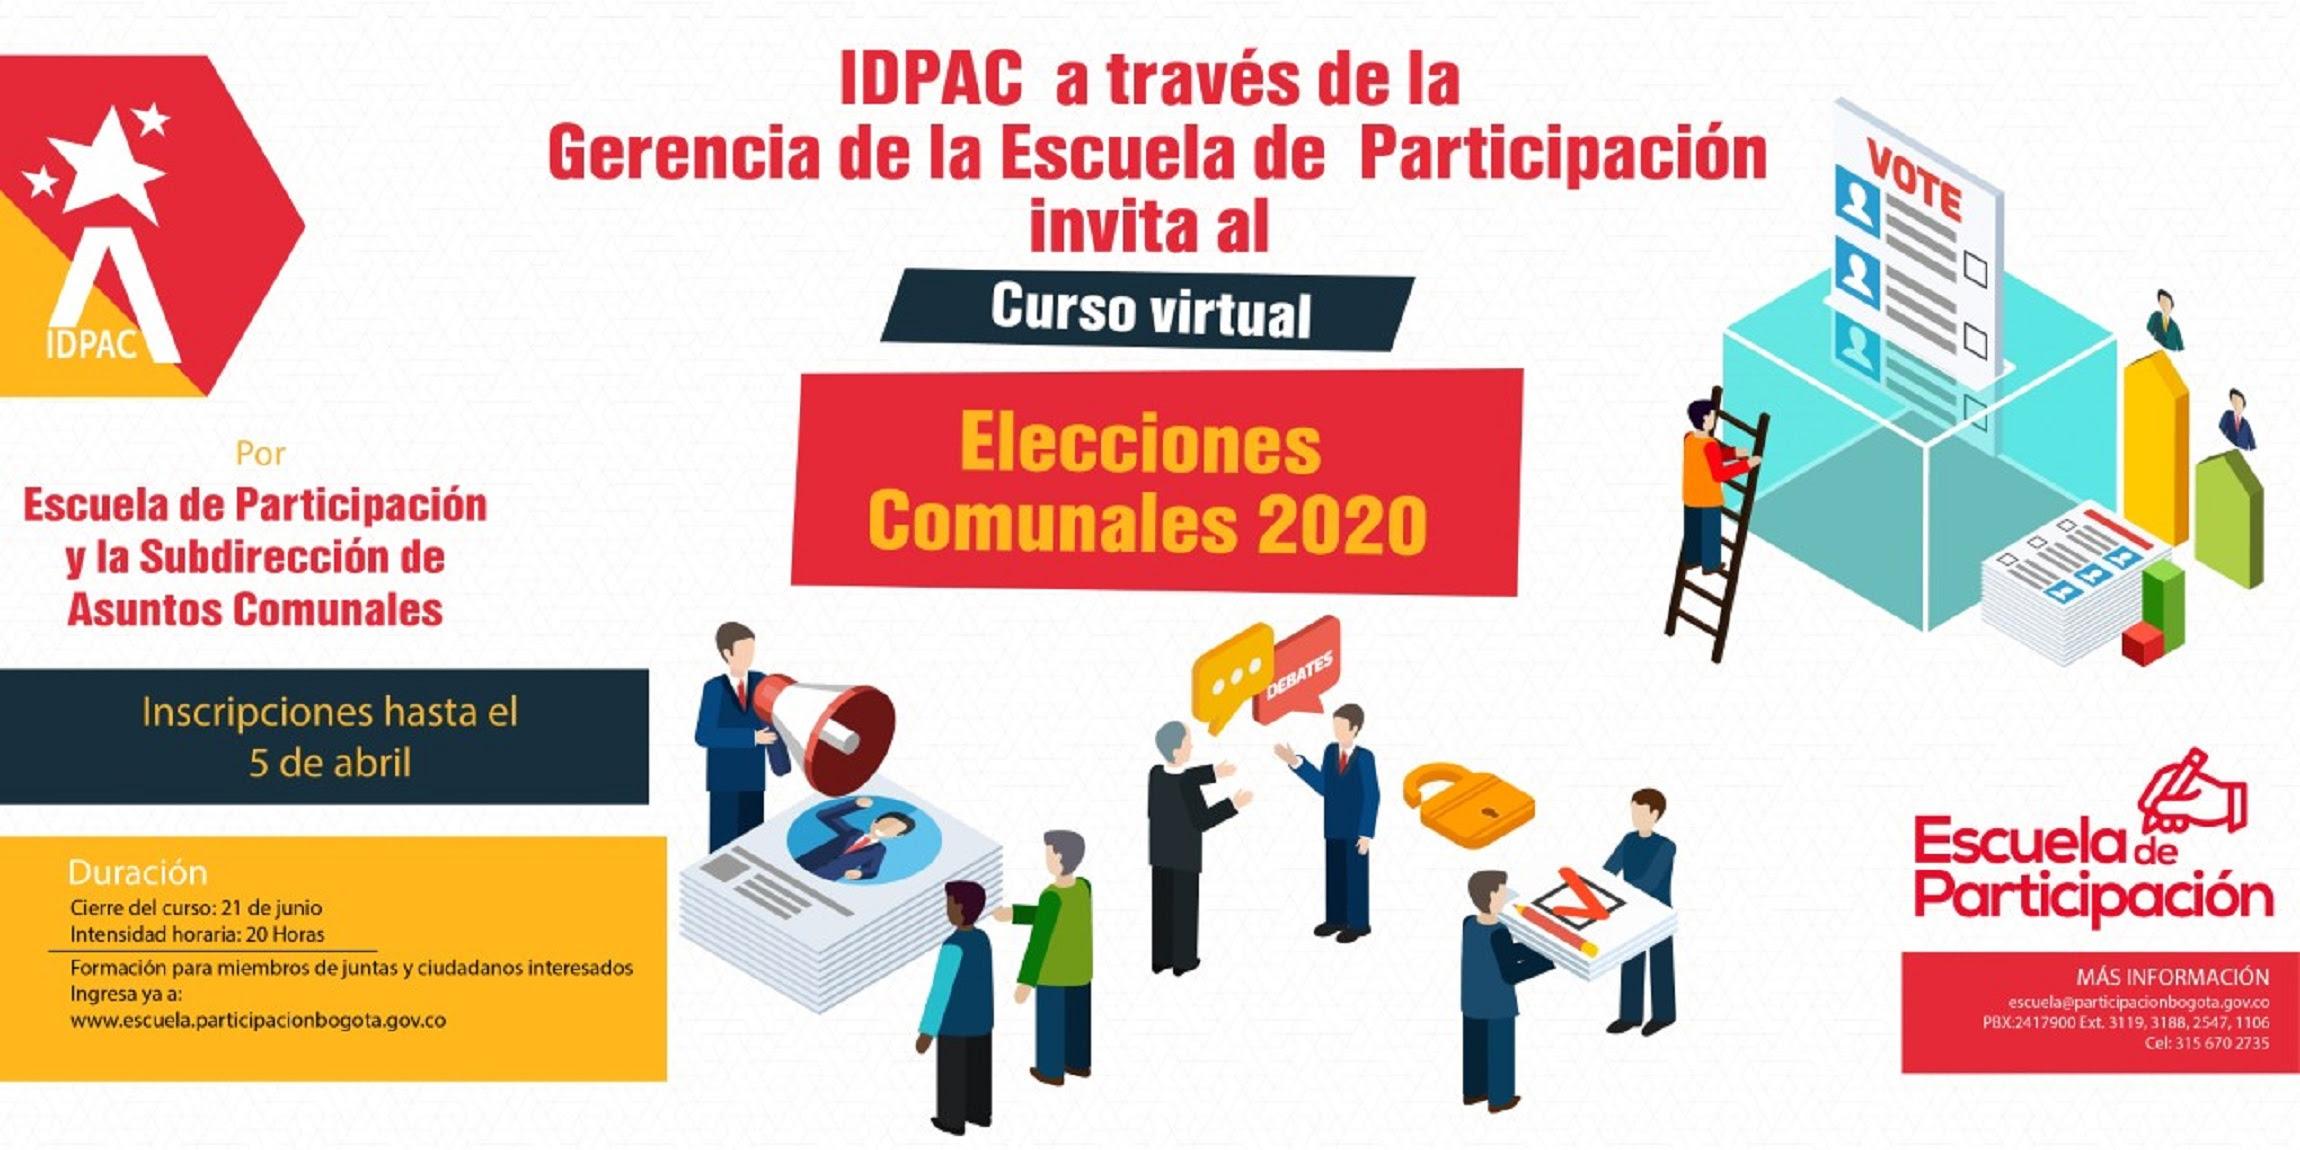 Abiertas inscripciones del curso virtual 'Elecciones comunales 2020'